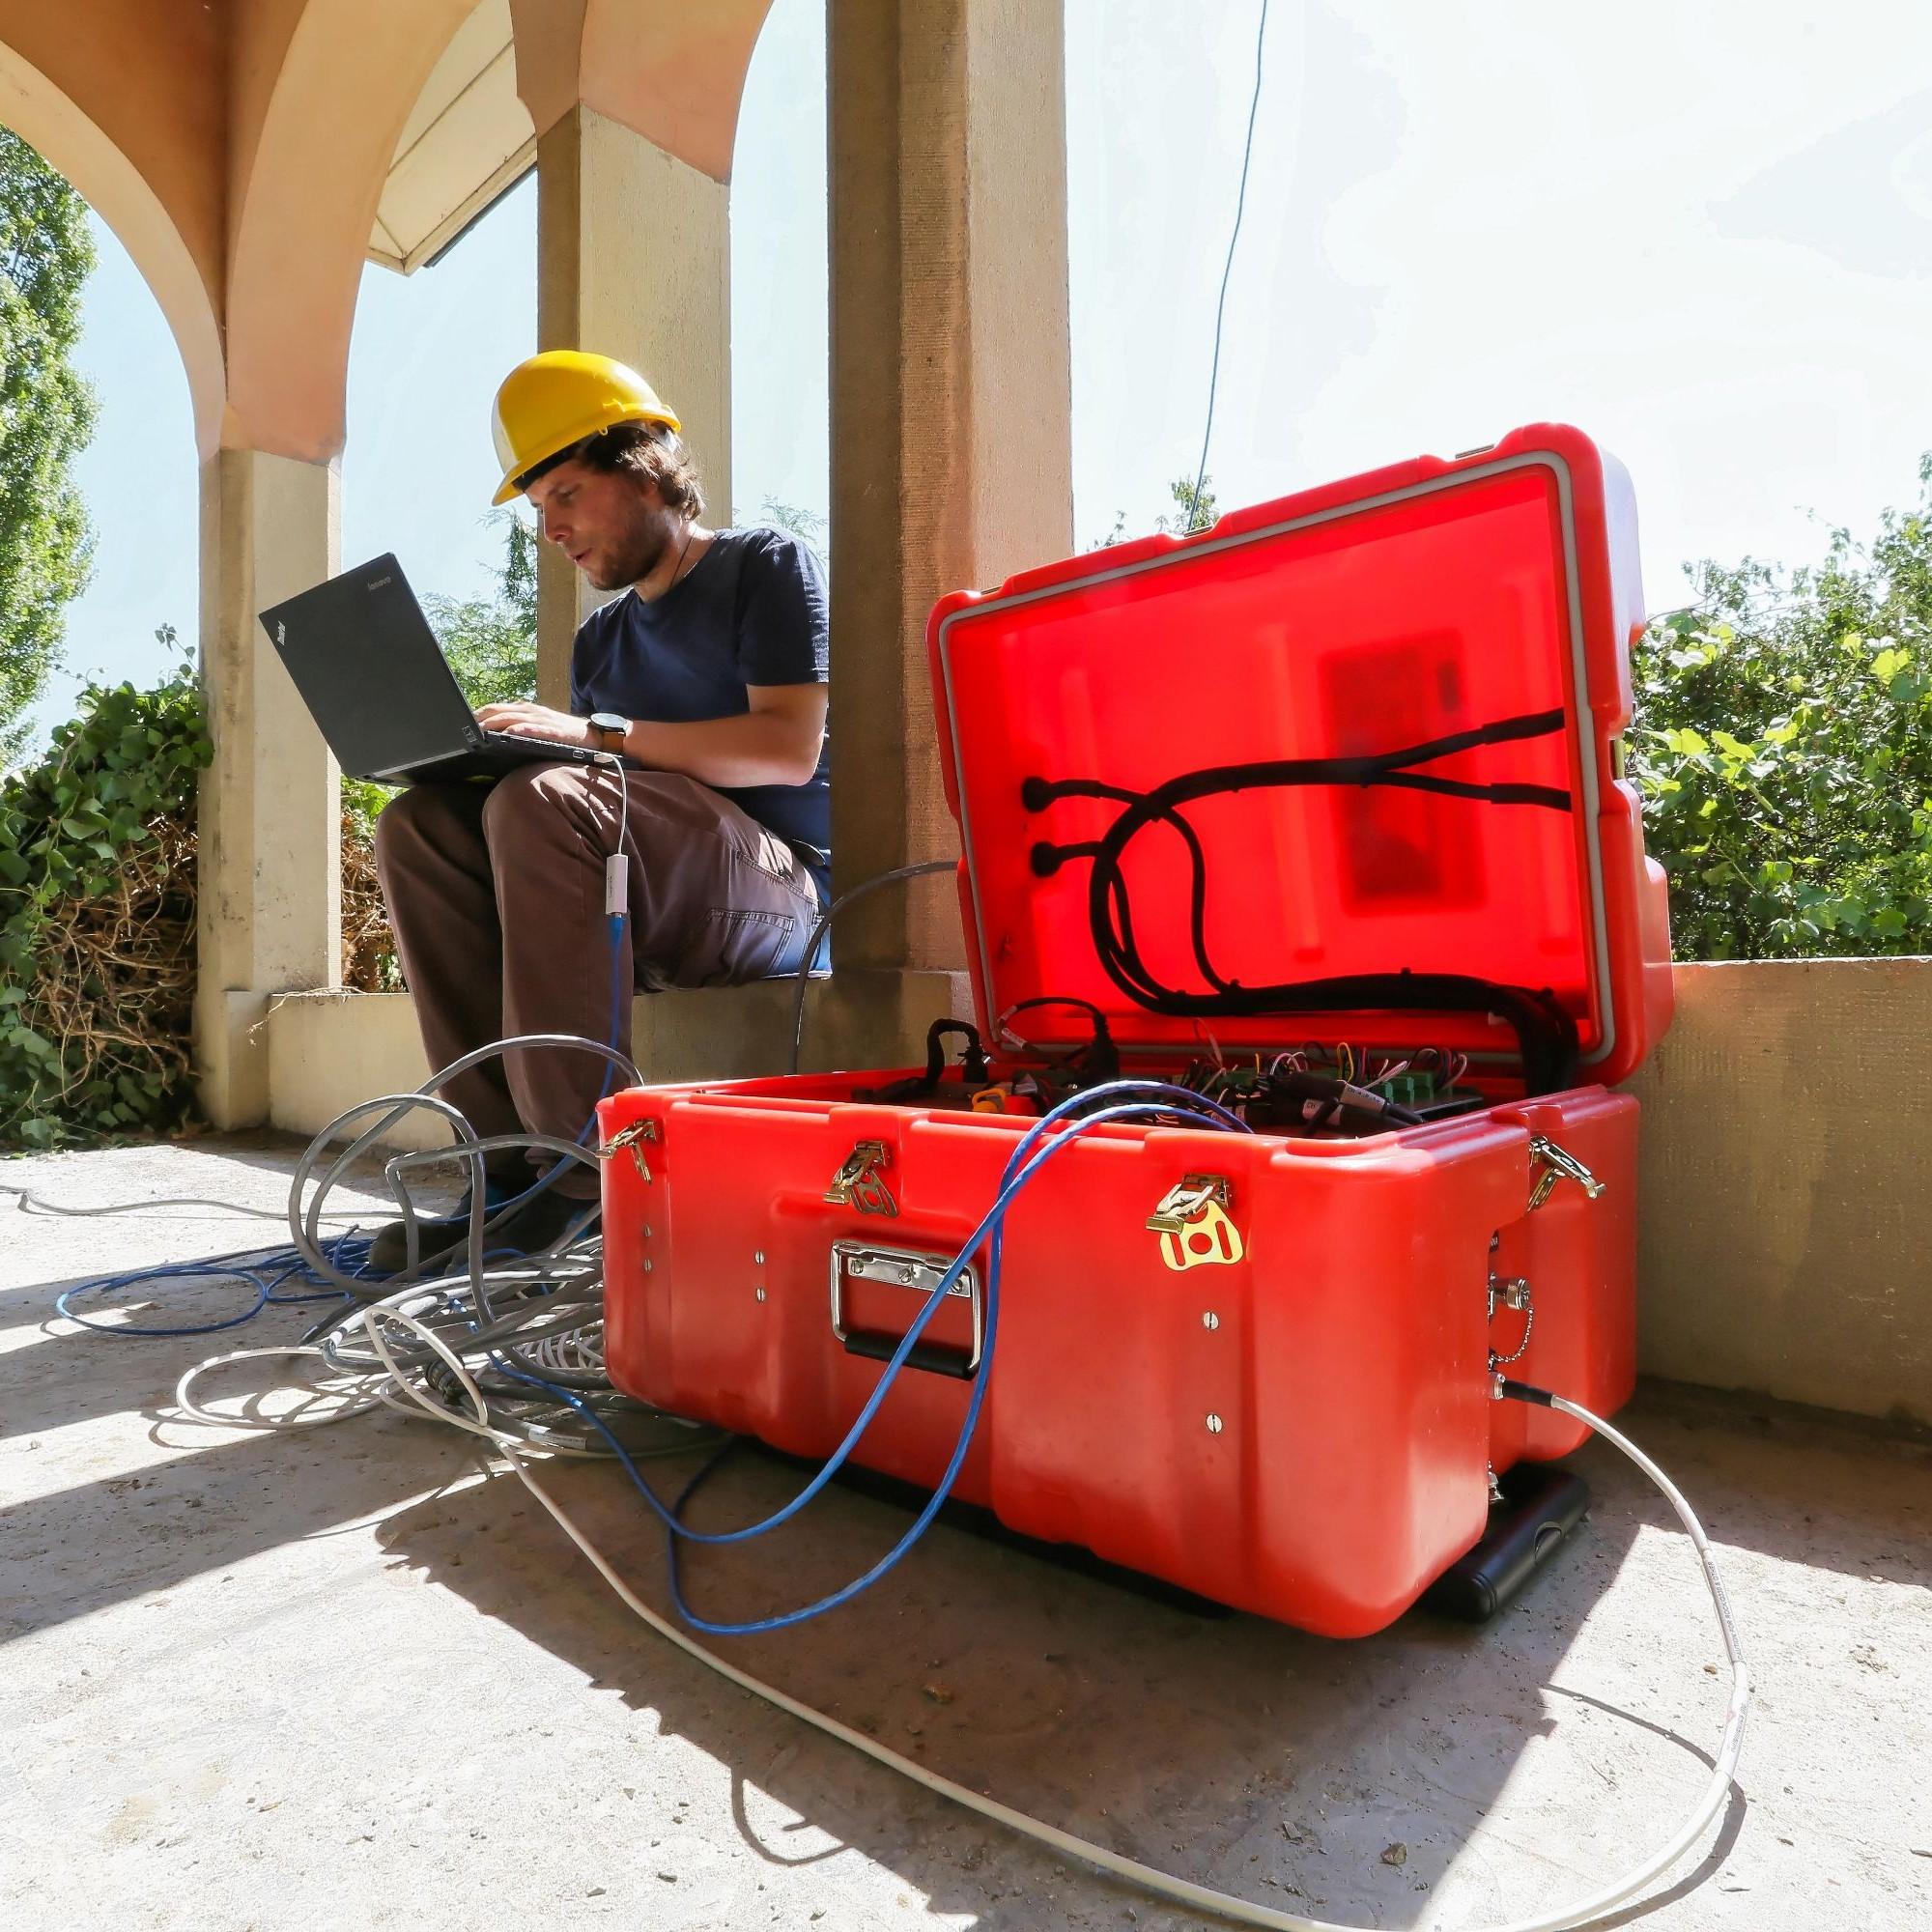 Dabei sammeltedas Team Messungen mit dem Seismometer.